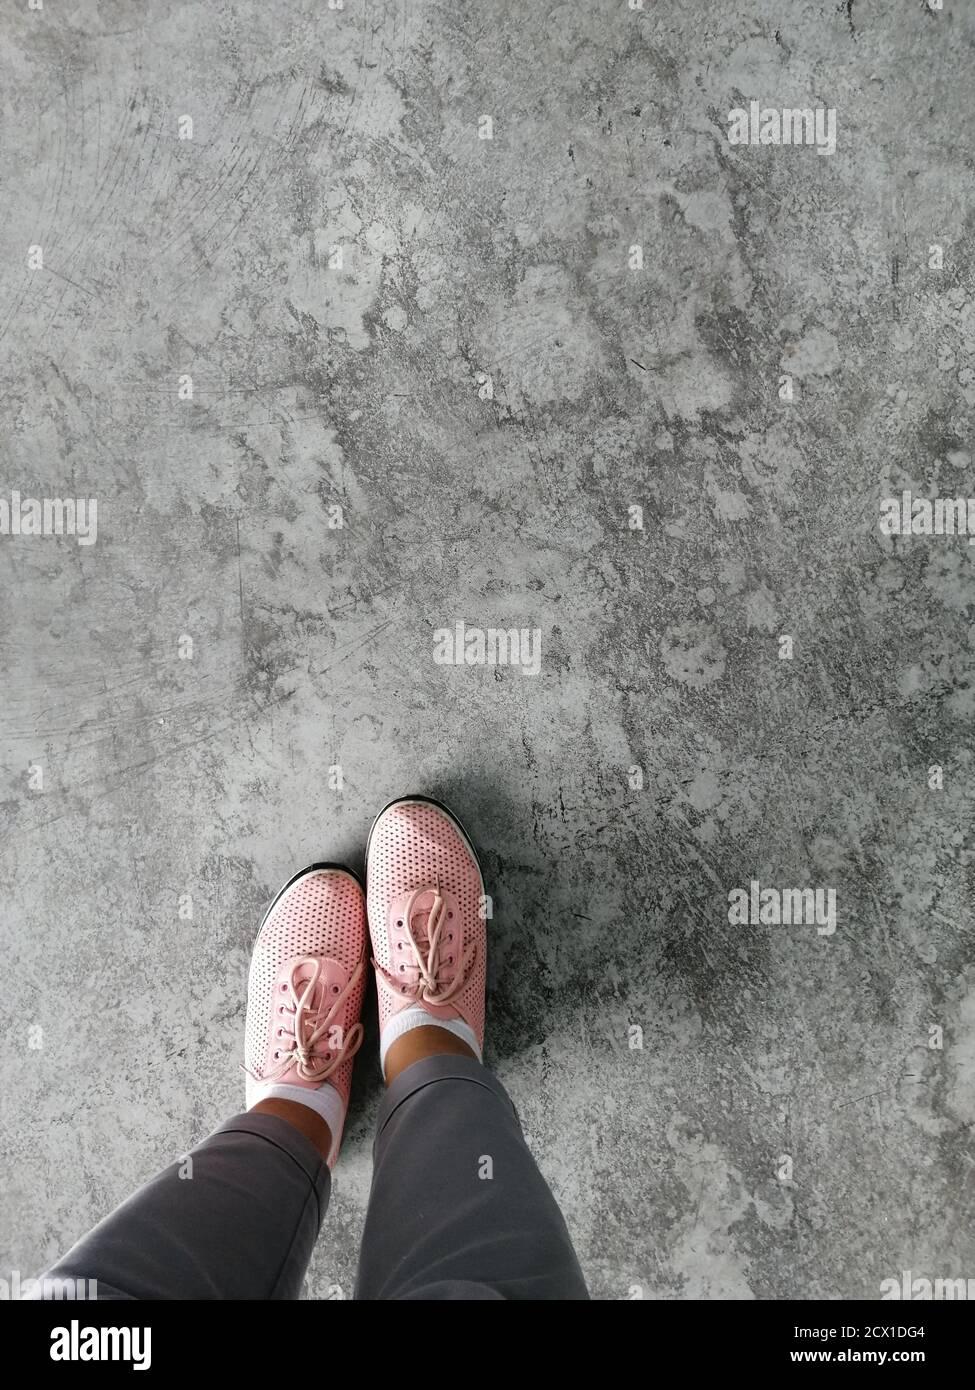 Vista superior viejo tono marrón piel zapato detalle en piso de concreto grunge, pies selfie usando zapatos de sneakers en el piso. Foto de stock